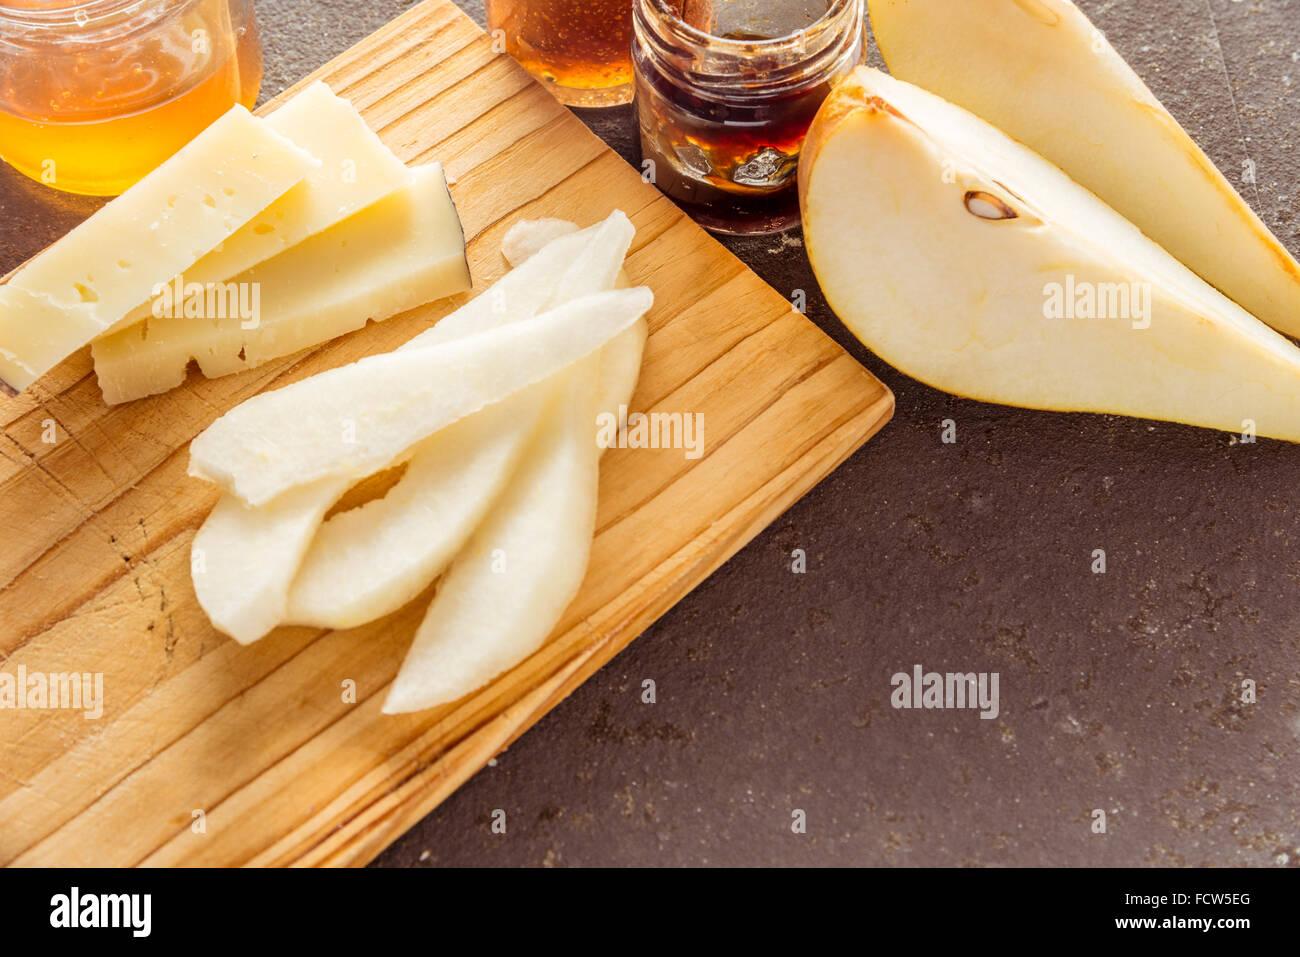 Una composición de italiano queso pecorino cortes con los atascos y las peras sobre una tabla de cortar de Imagen De Stock